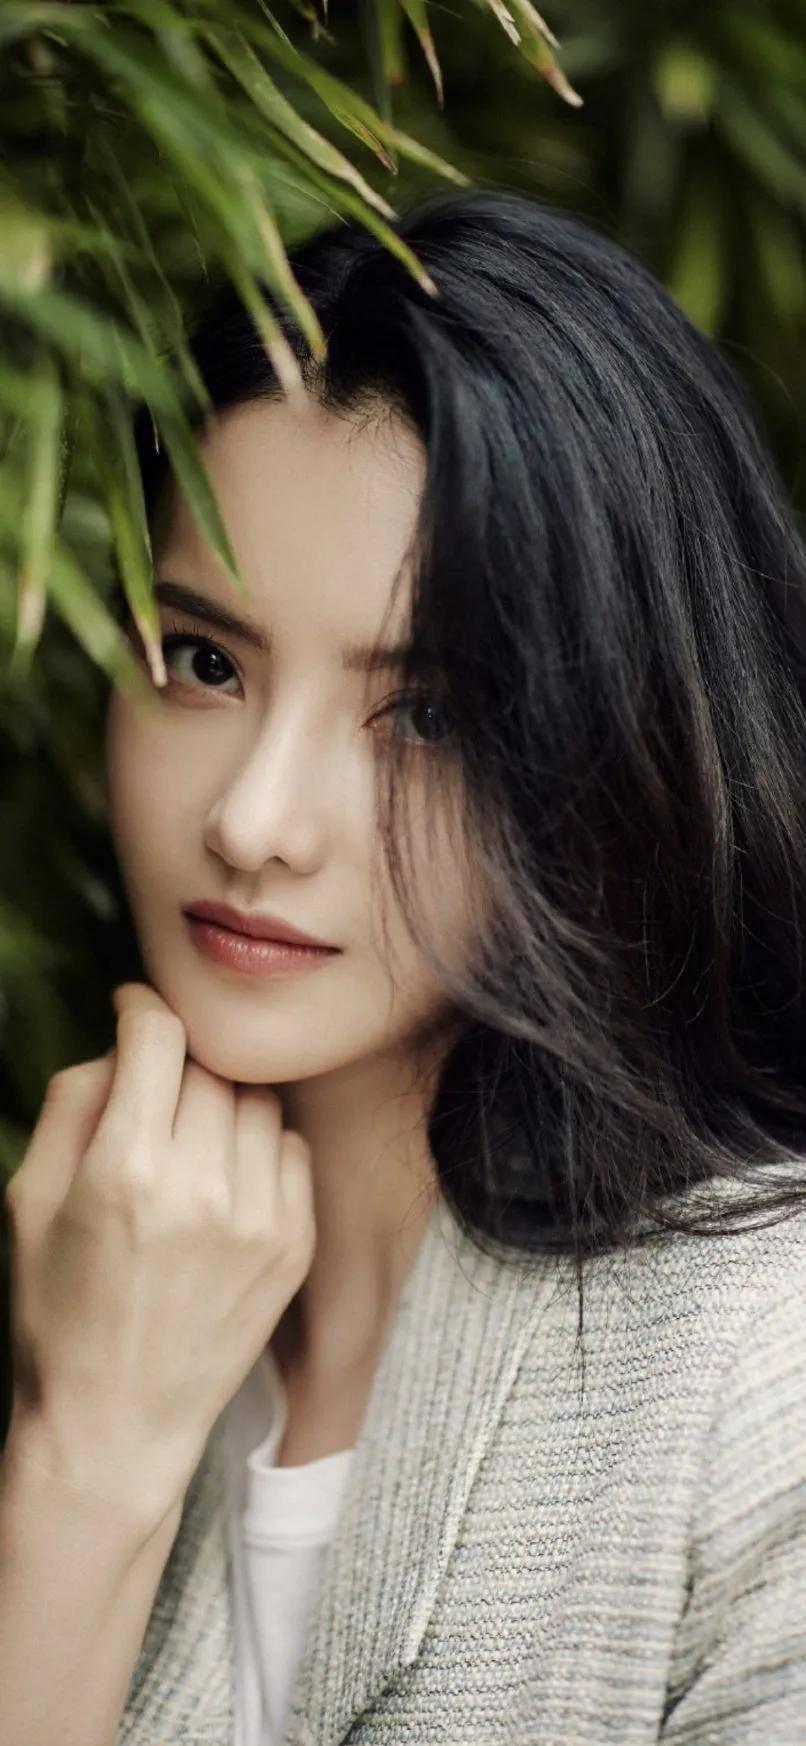 女明星半夜爆料男友出轨随后又说误会了,金瀚张芷溪这是想红想疯了  第6张